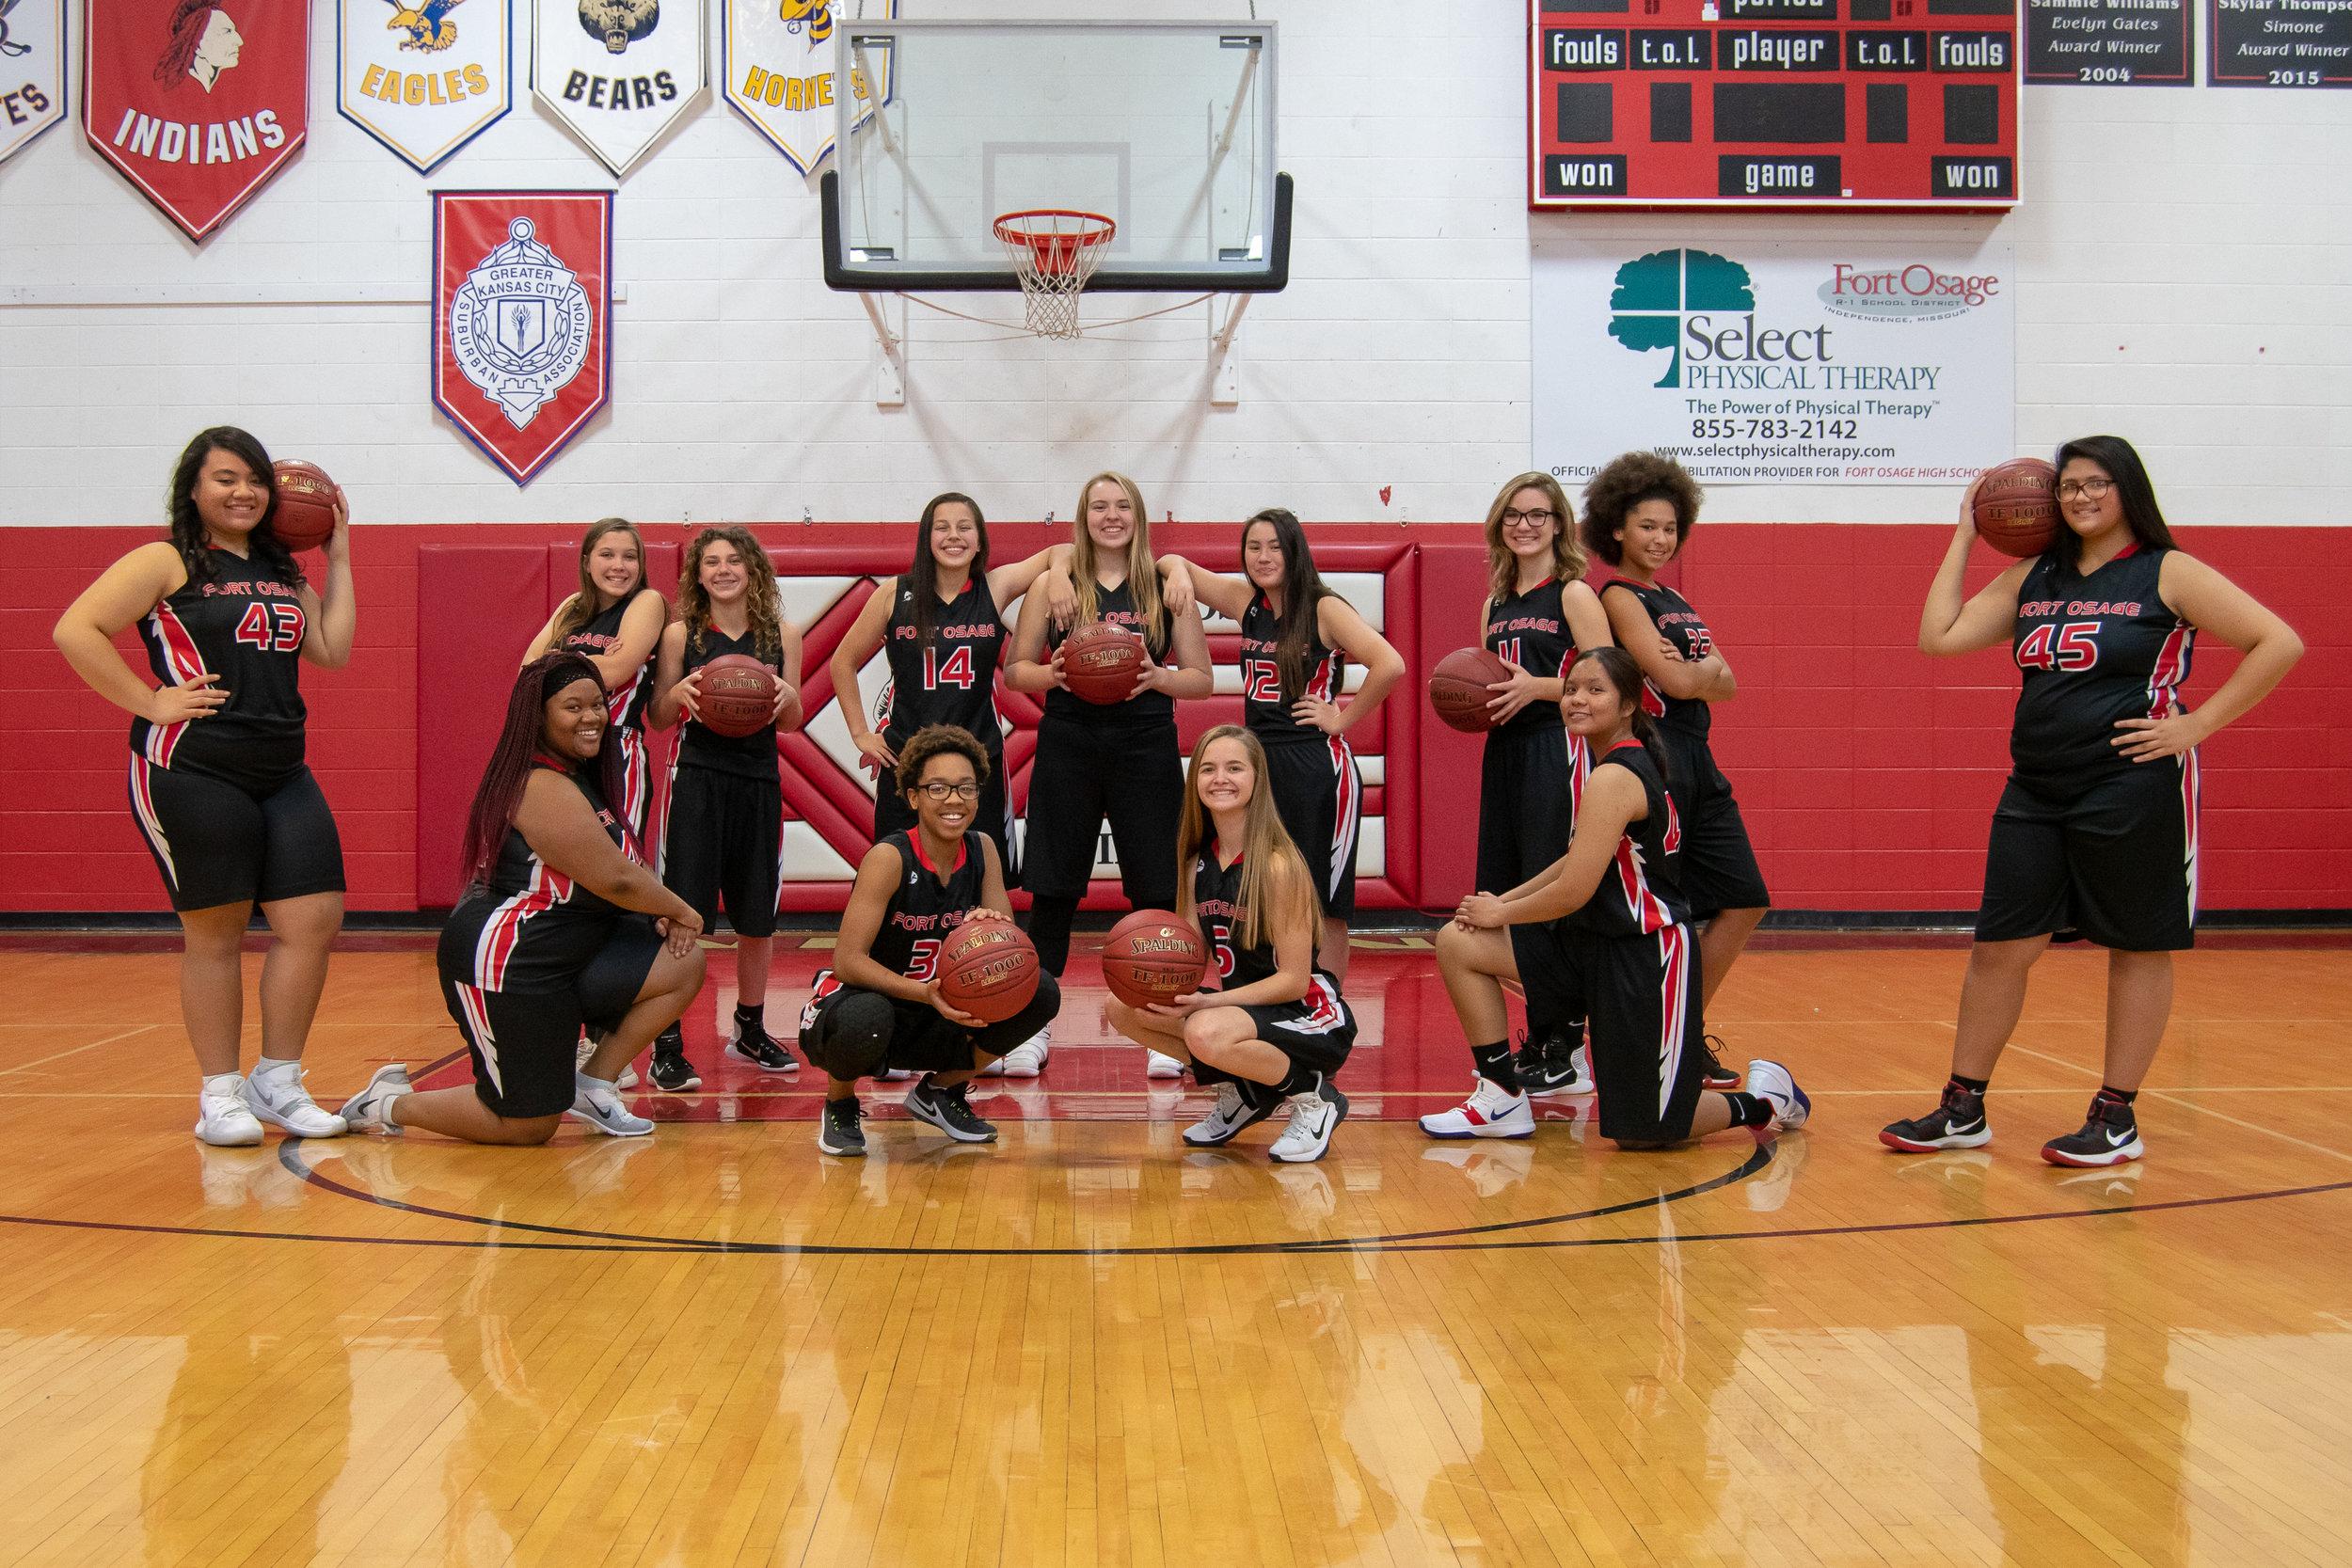 fort-osage-girls-basketball-88-of-93_44261296940_o.jpg